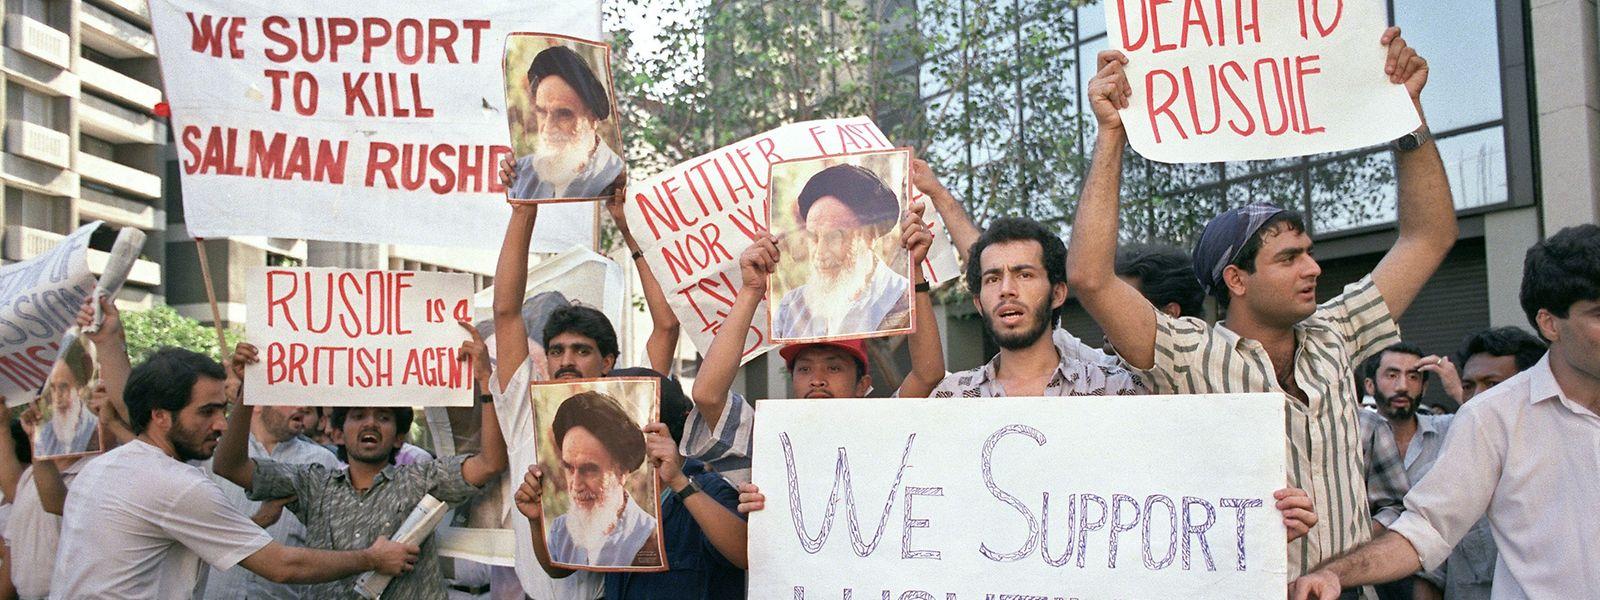 """Der Protest gegen Salman Rushdies """"Die satanischen Verse"""" reichte bis nach Manila: 1989 forderten dort Demonstranten seinen Tod."""